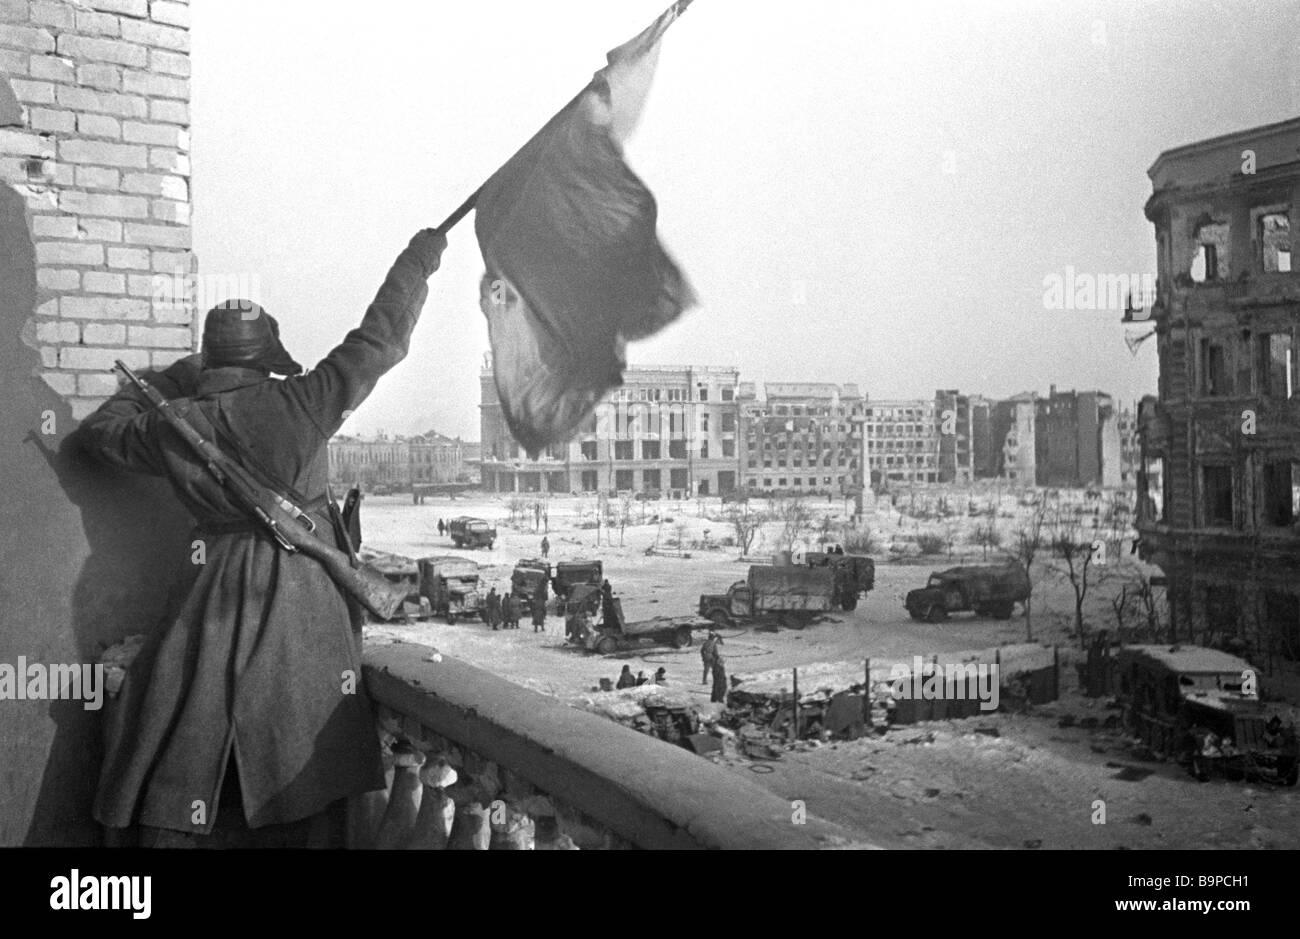 La bandiera della vittoria issata dopo la battaglia di Stalingrado Seconda Guerra Mondiale 1943 Immagini Stock